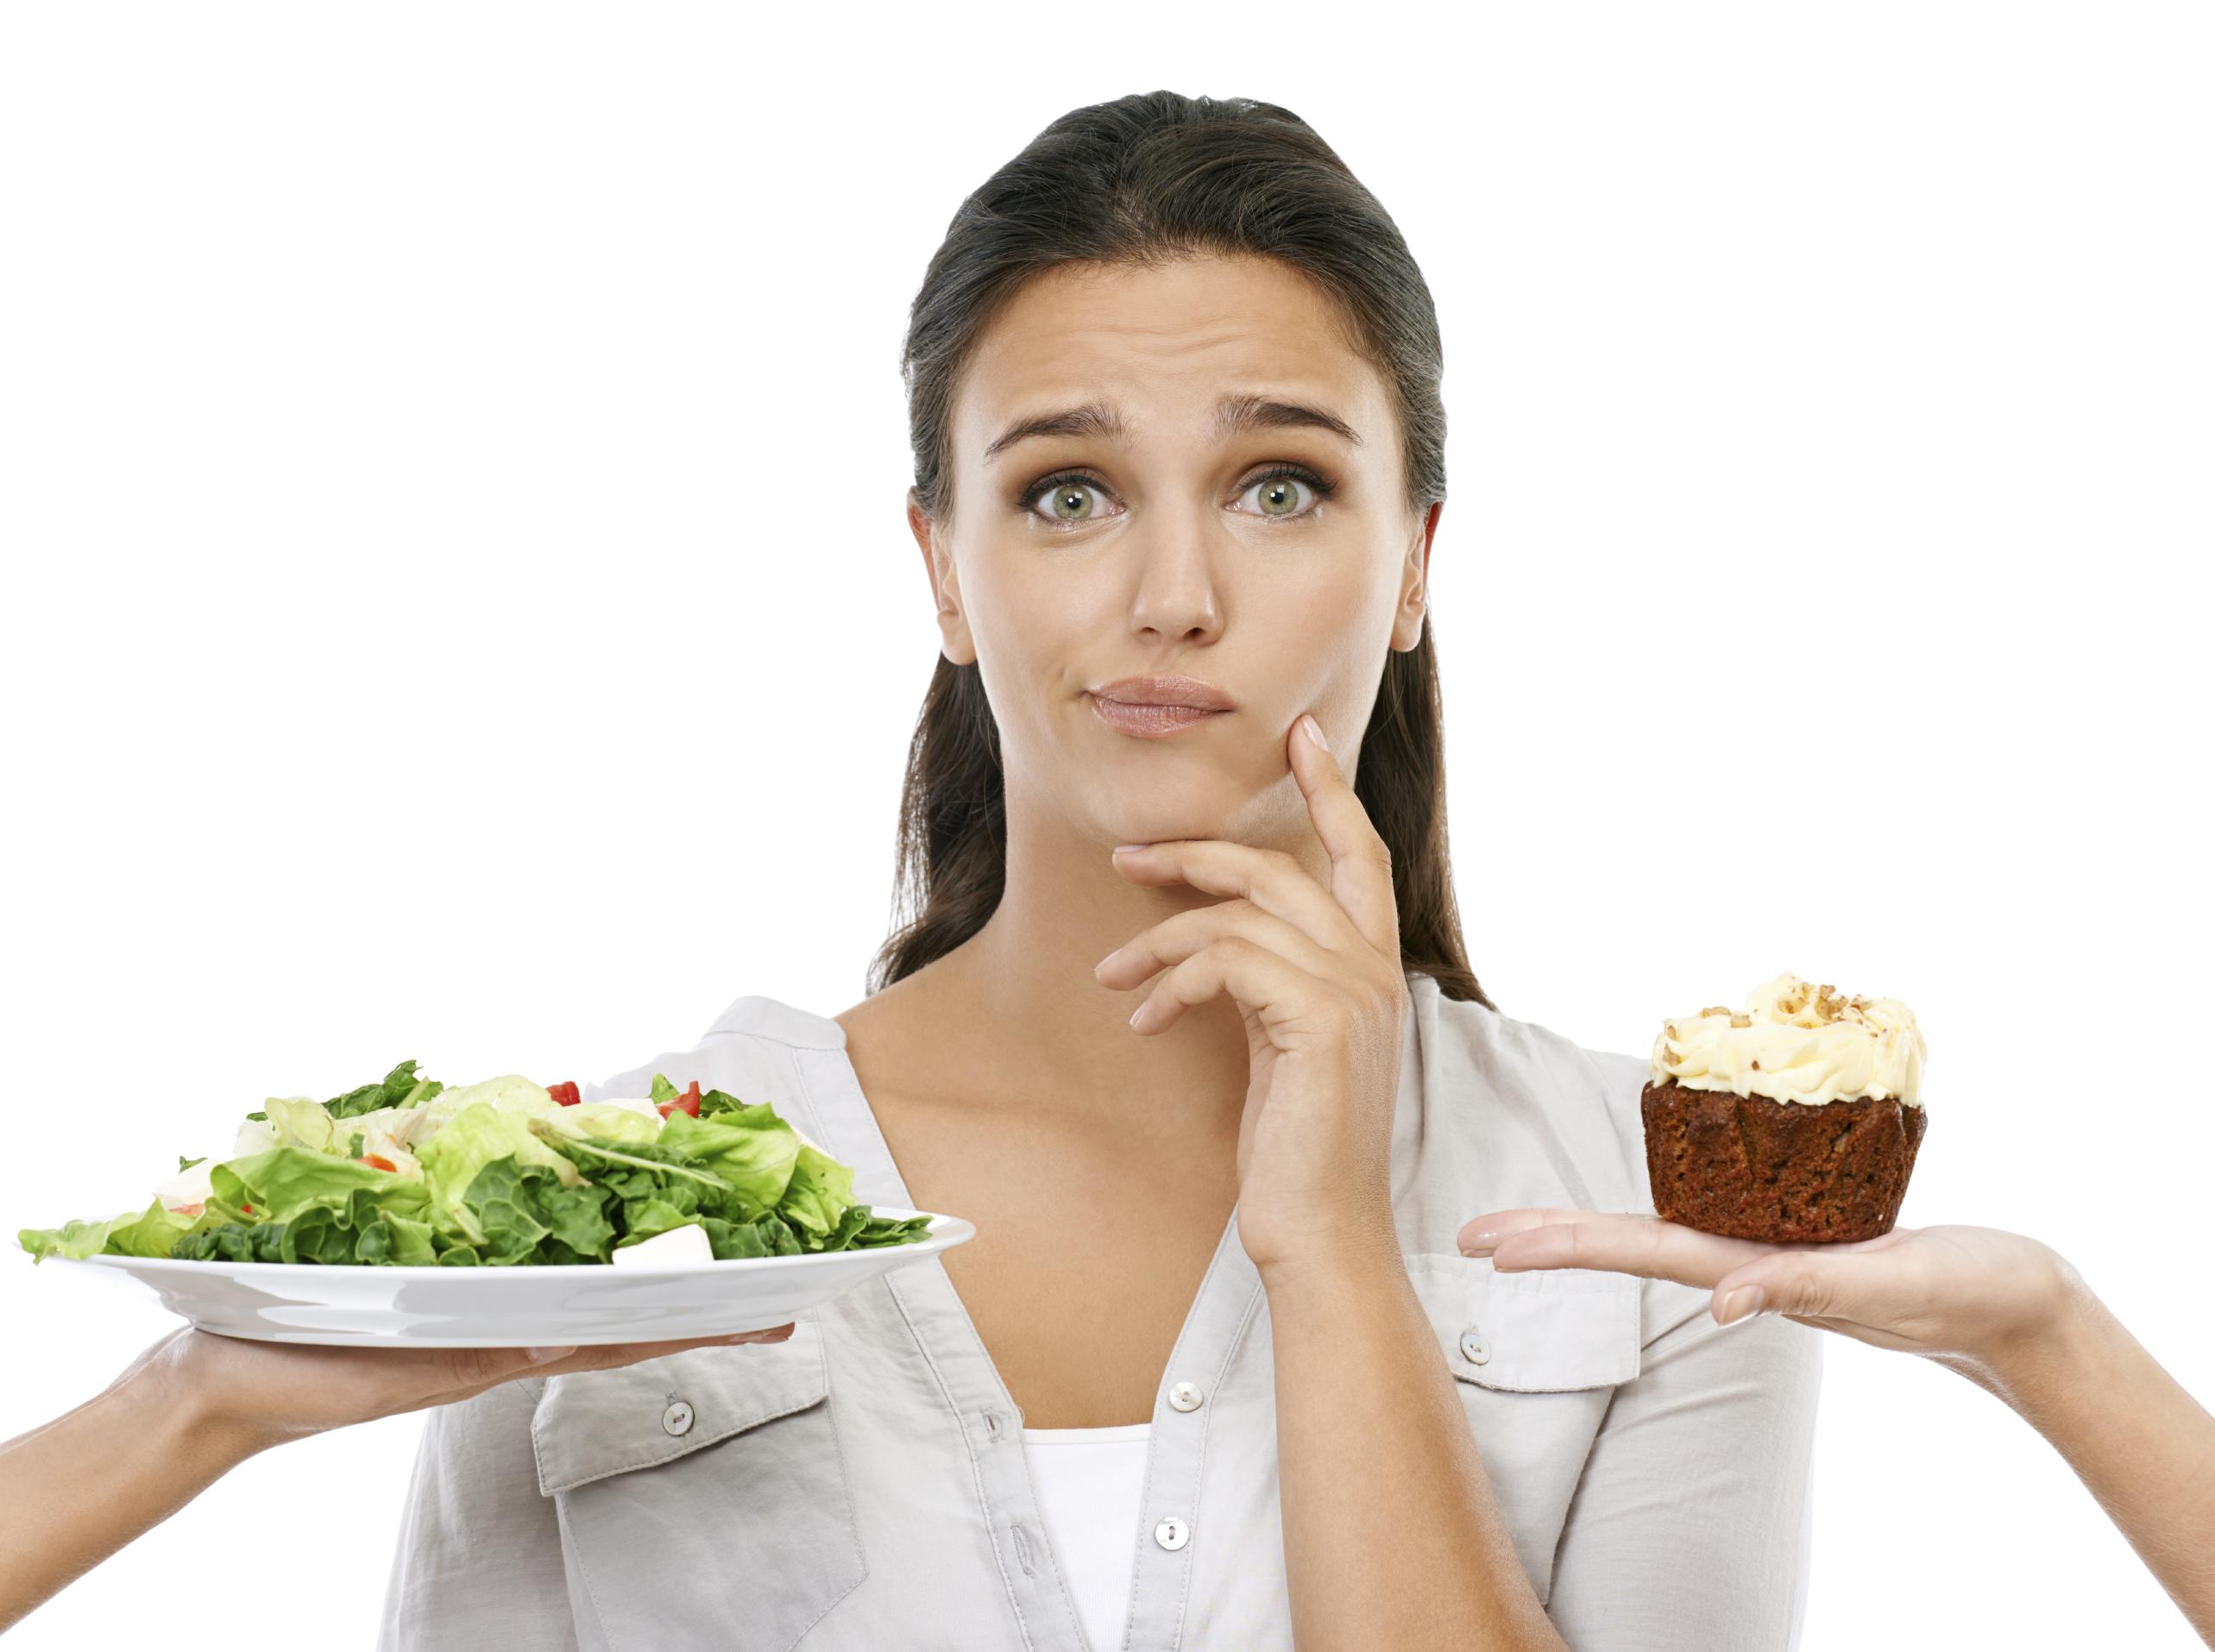 diéta magas vérnyomásban szenvedőknek magas vérnyomás kezelése 1 evőkanál